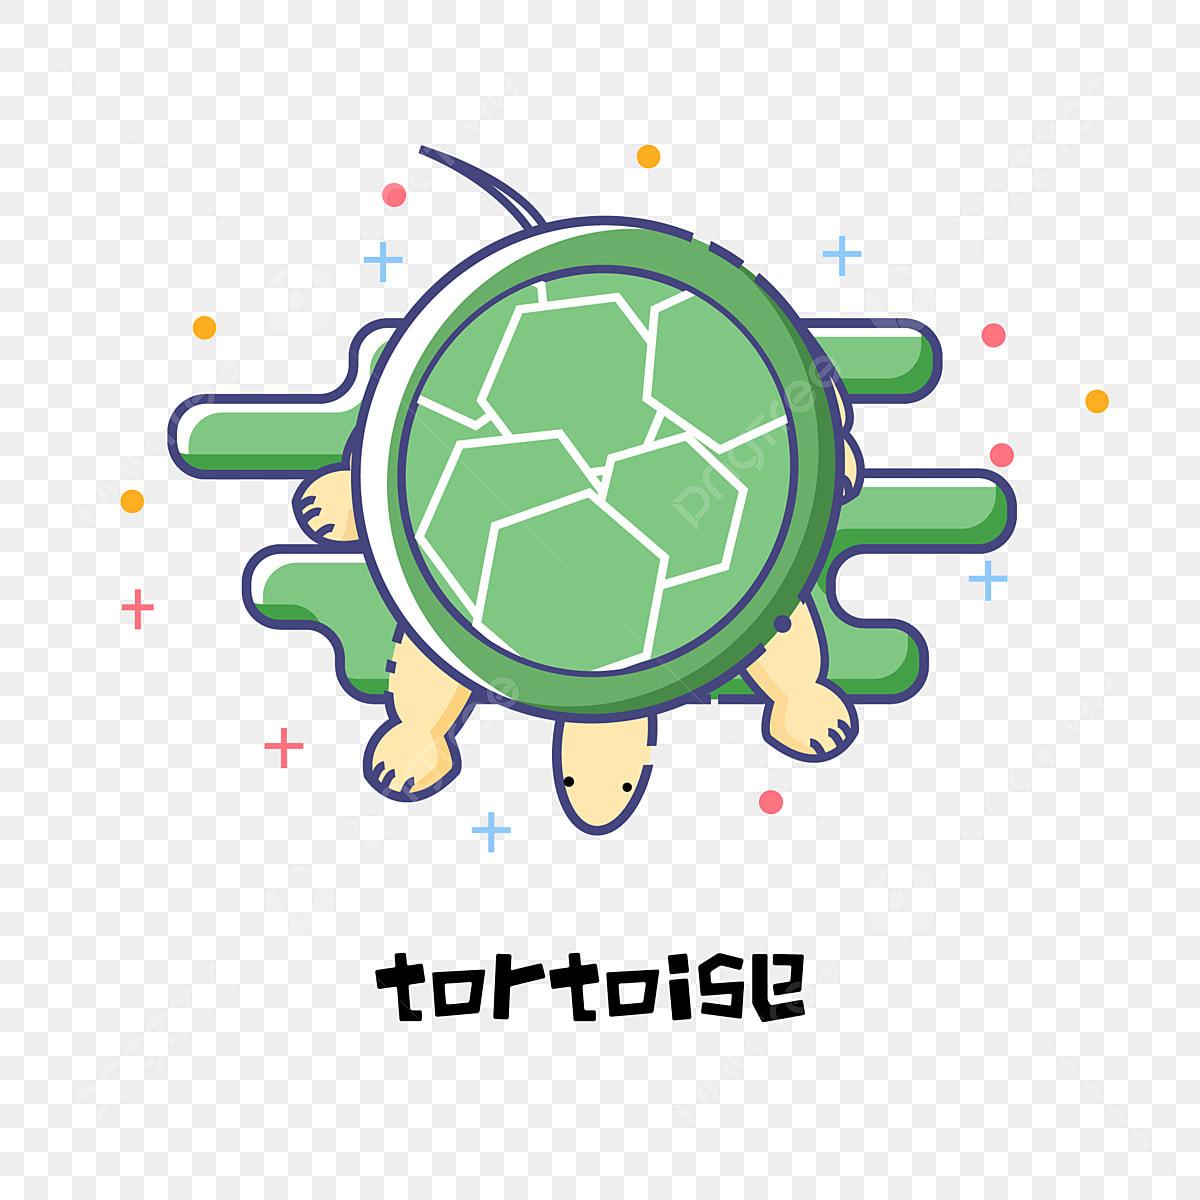 Simple Cute Cartoon Animal Turtle Tortoise Animal Cute Turtle